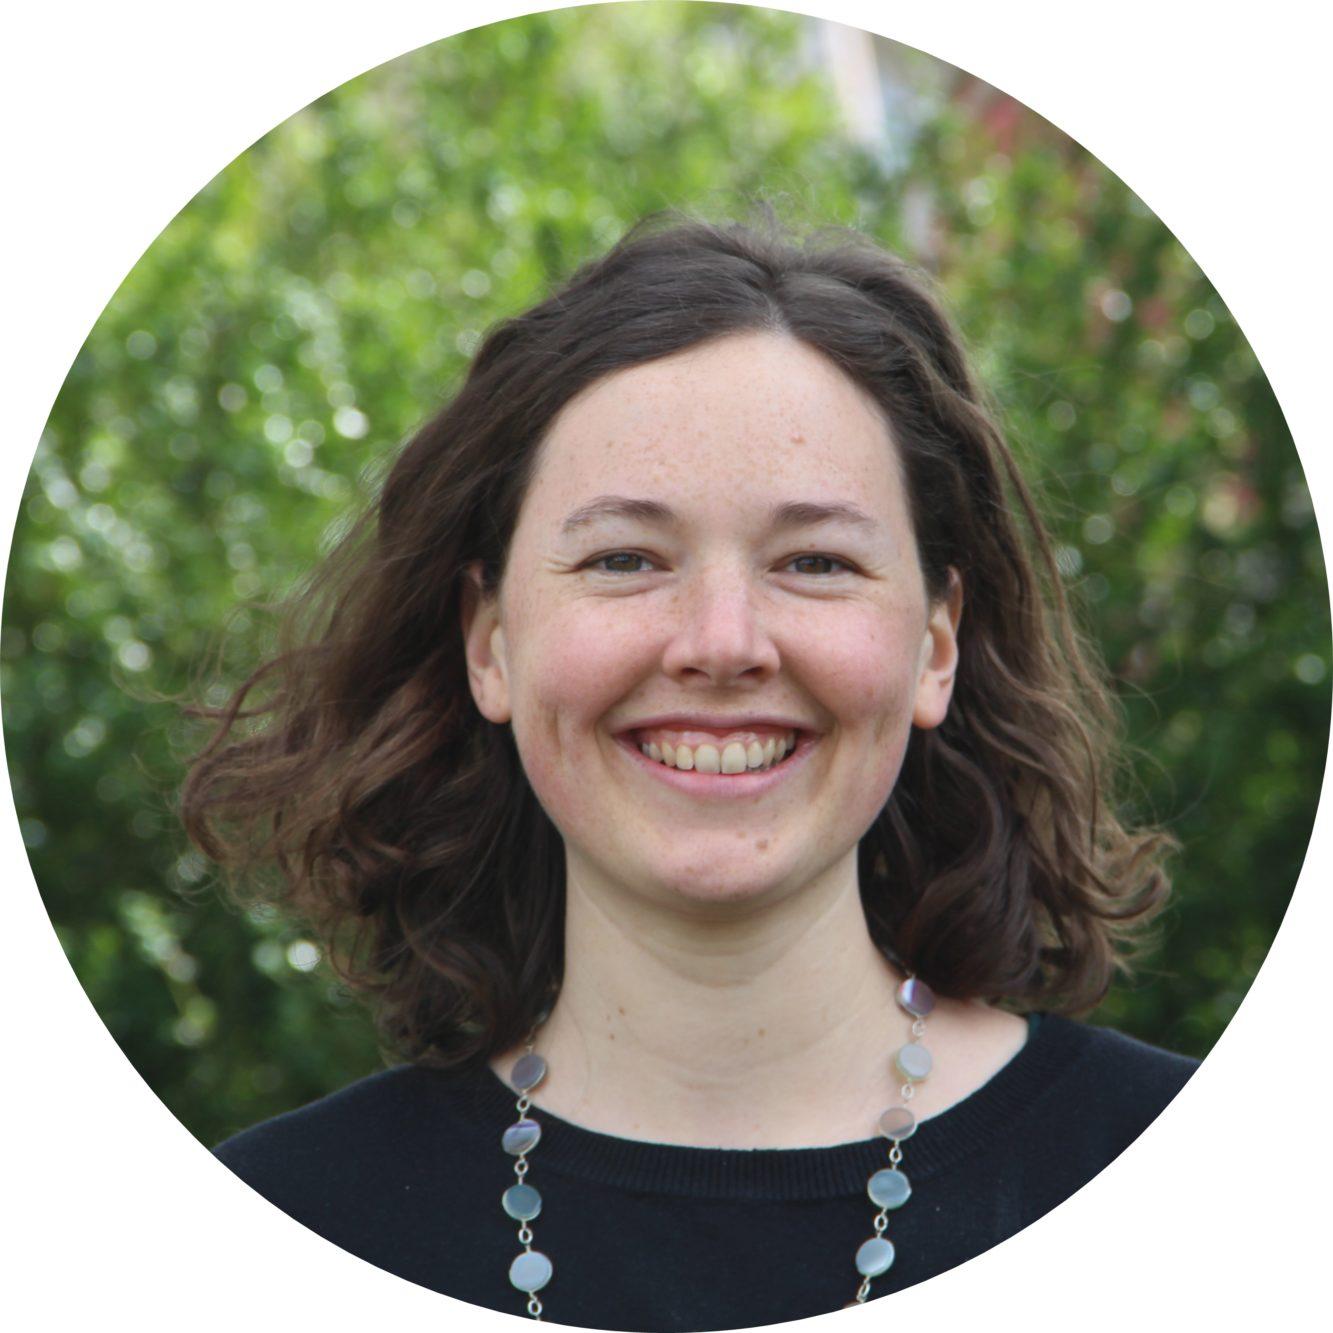 Michelle Bucher von Kuntergrün